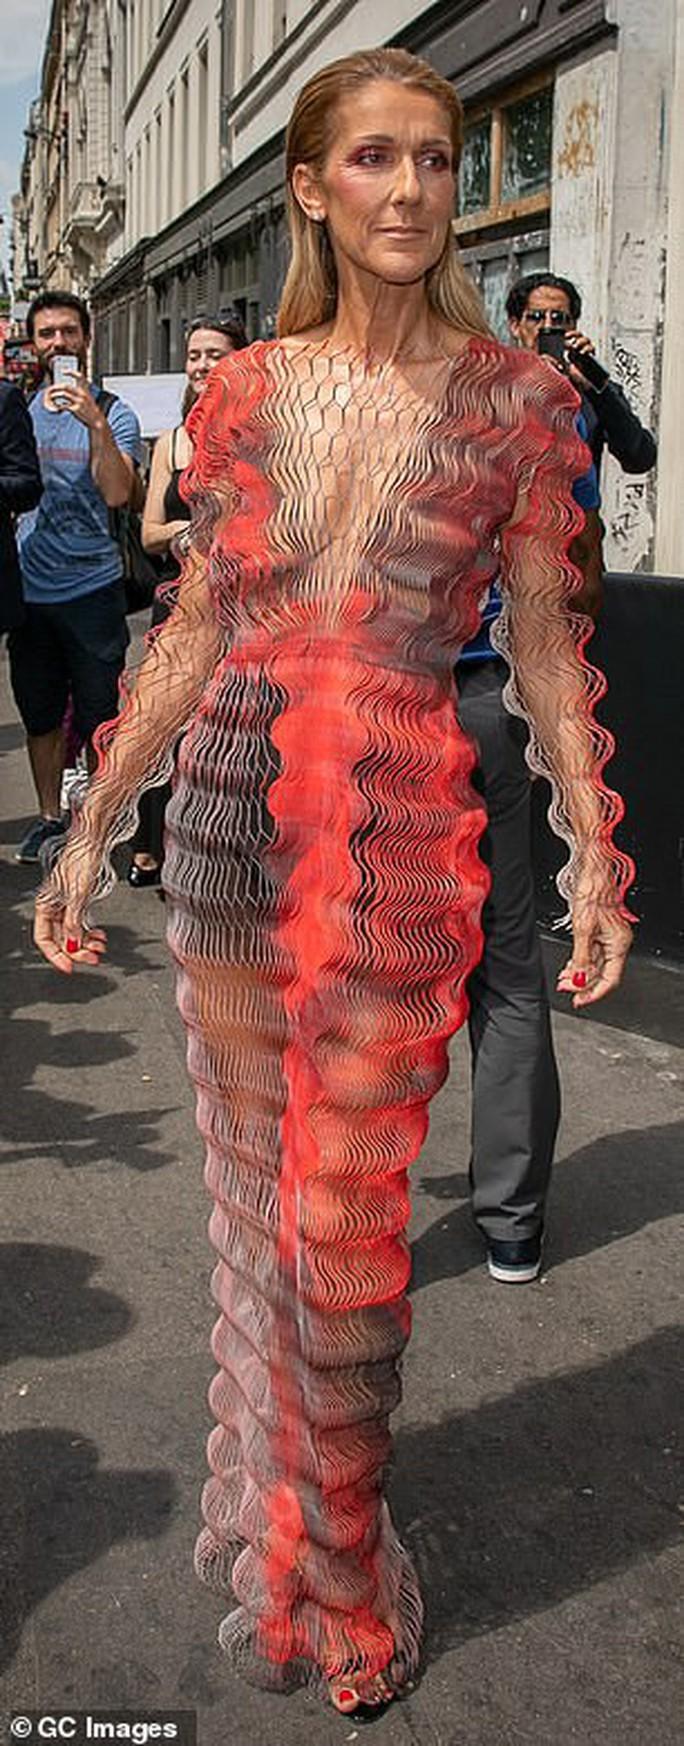 Họa mi Celine Dion gây sốc với loạt ảnh quái lạ - Ảnh 10.